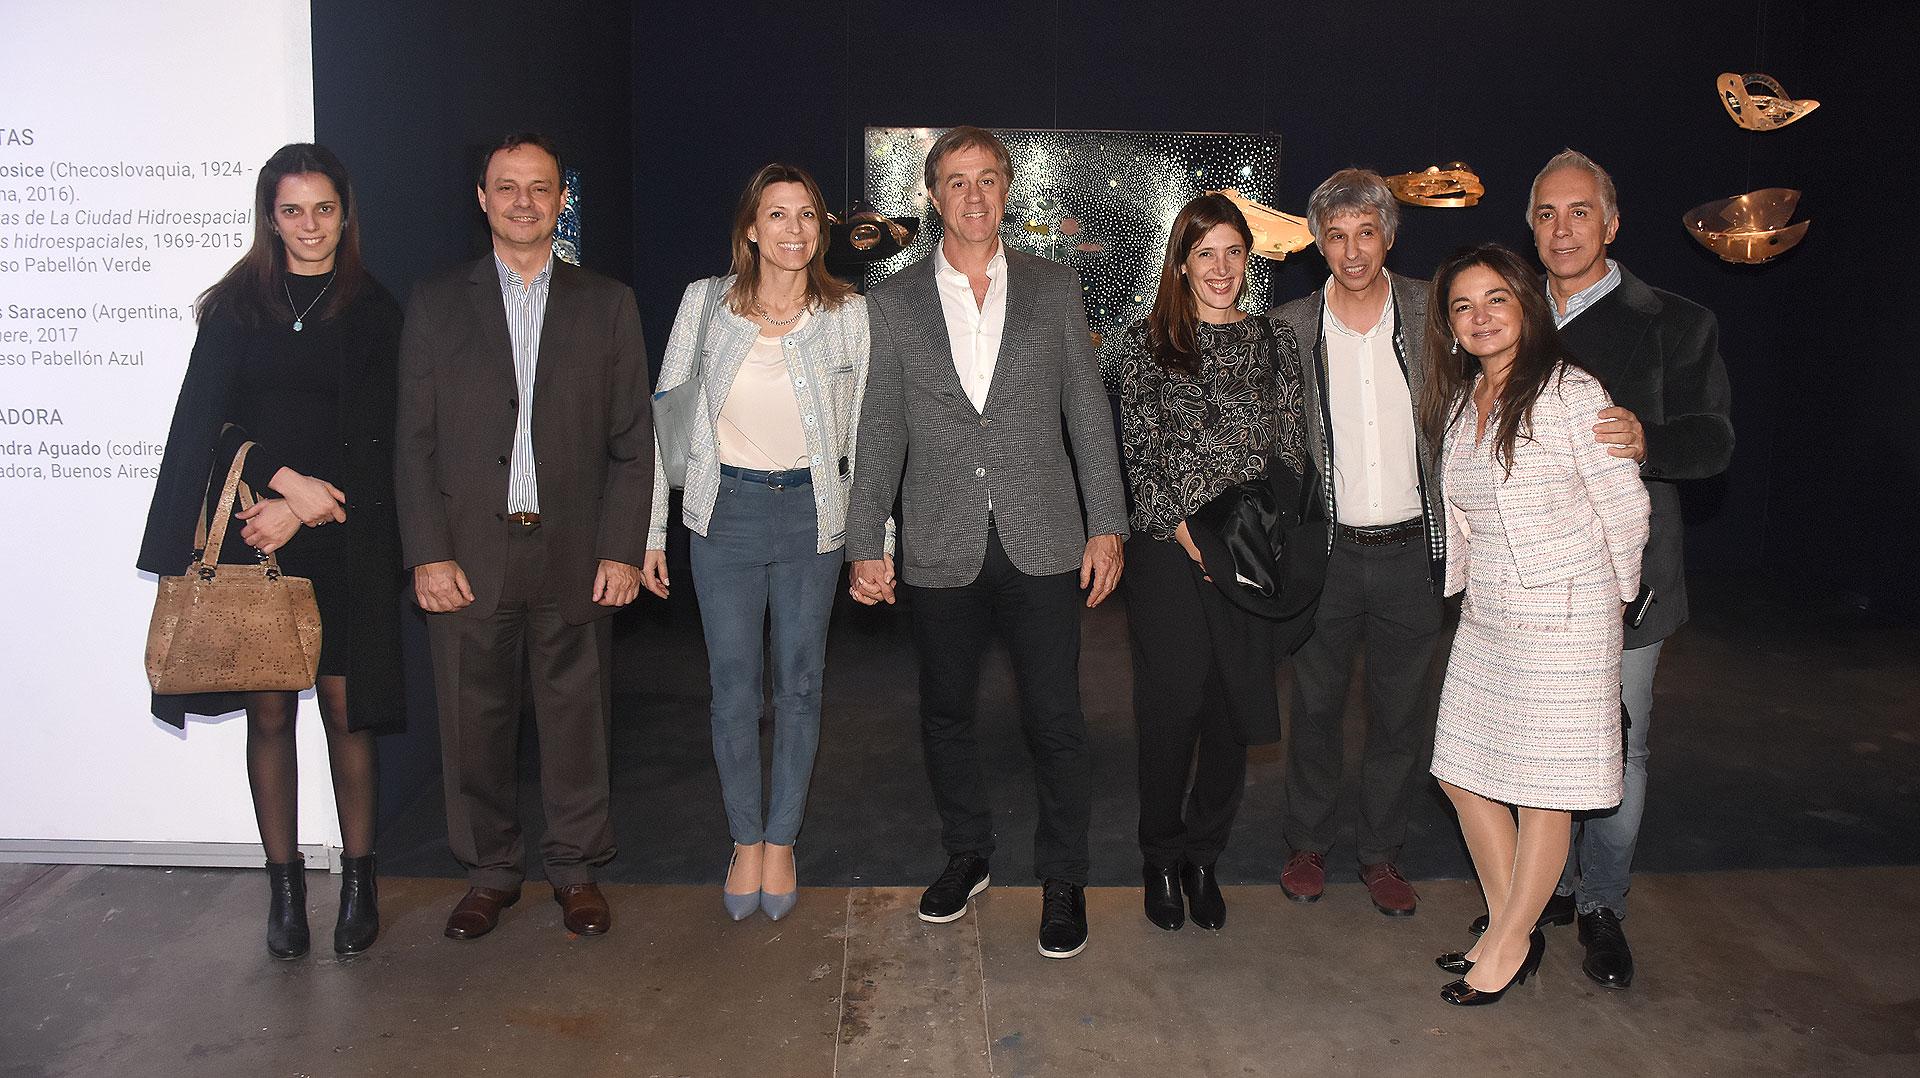 Isela Costantini, ex CEO de General Motors y Aerolíneas Argentinas, y su pareja, el empresario Fernando Cinalli (centro)